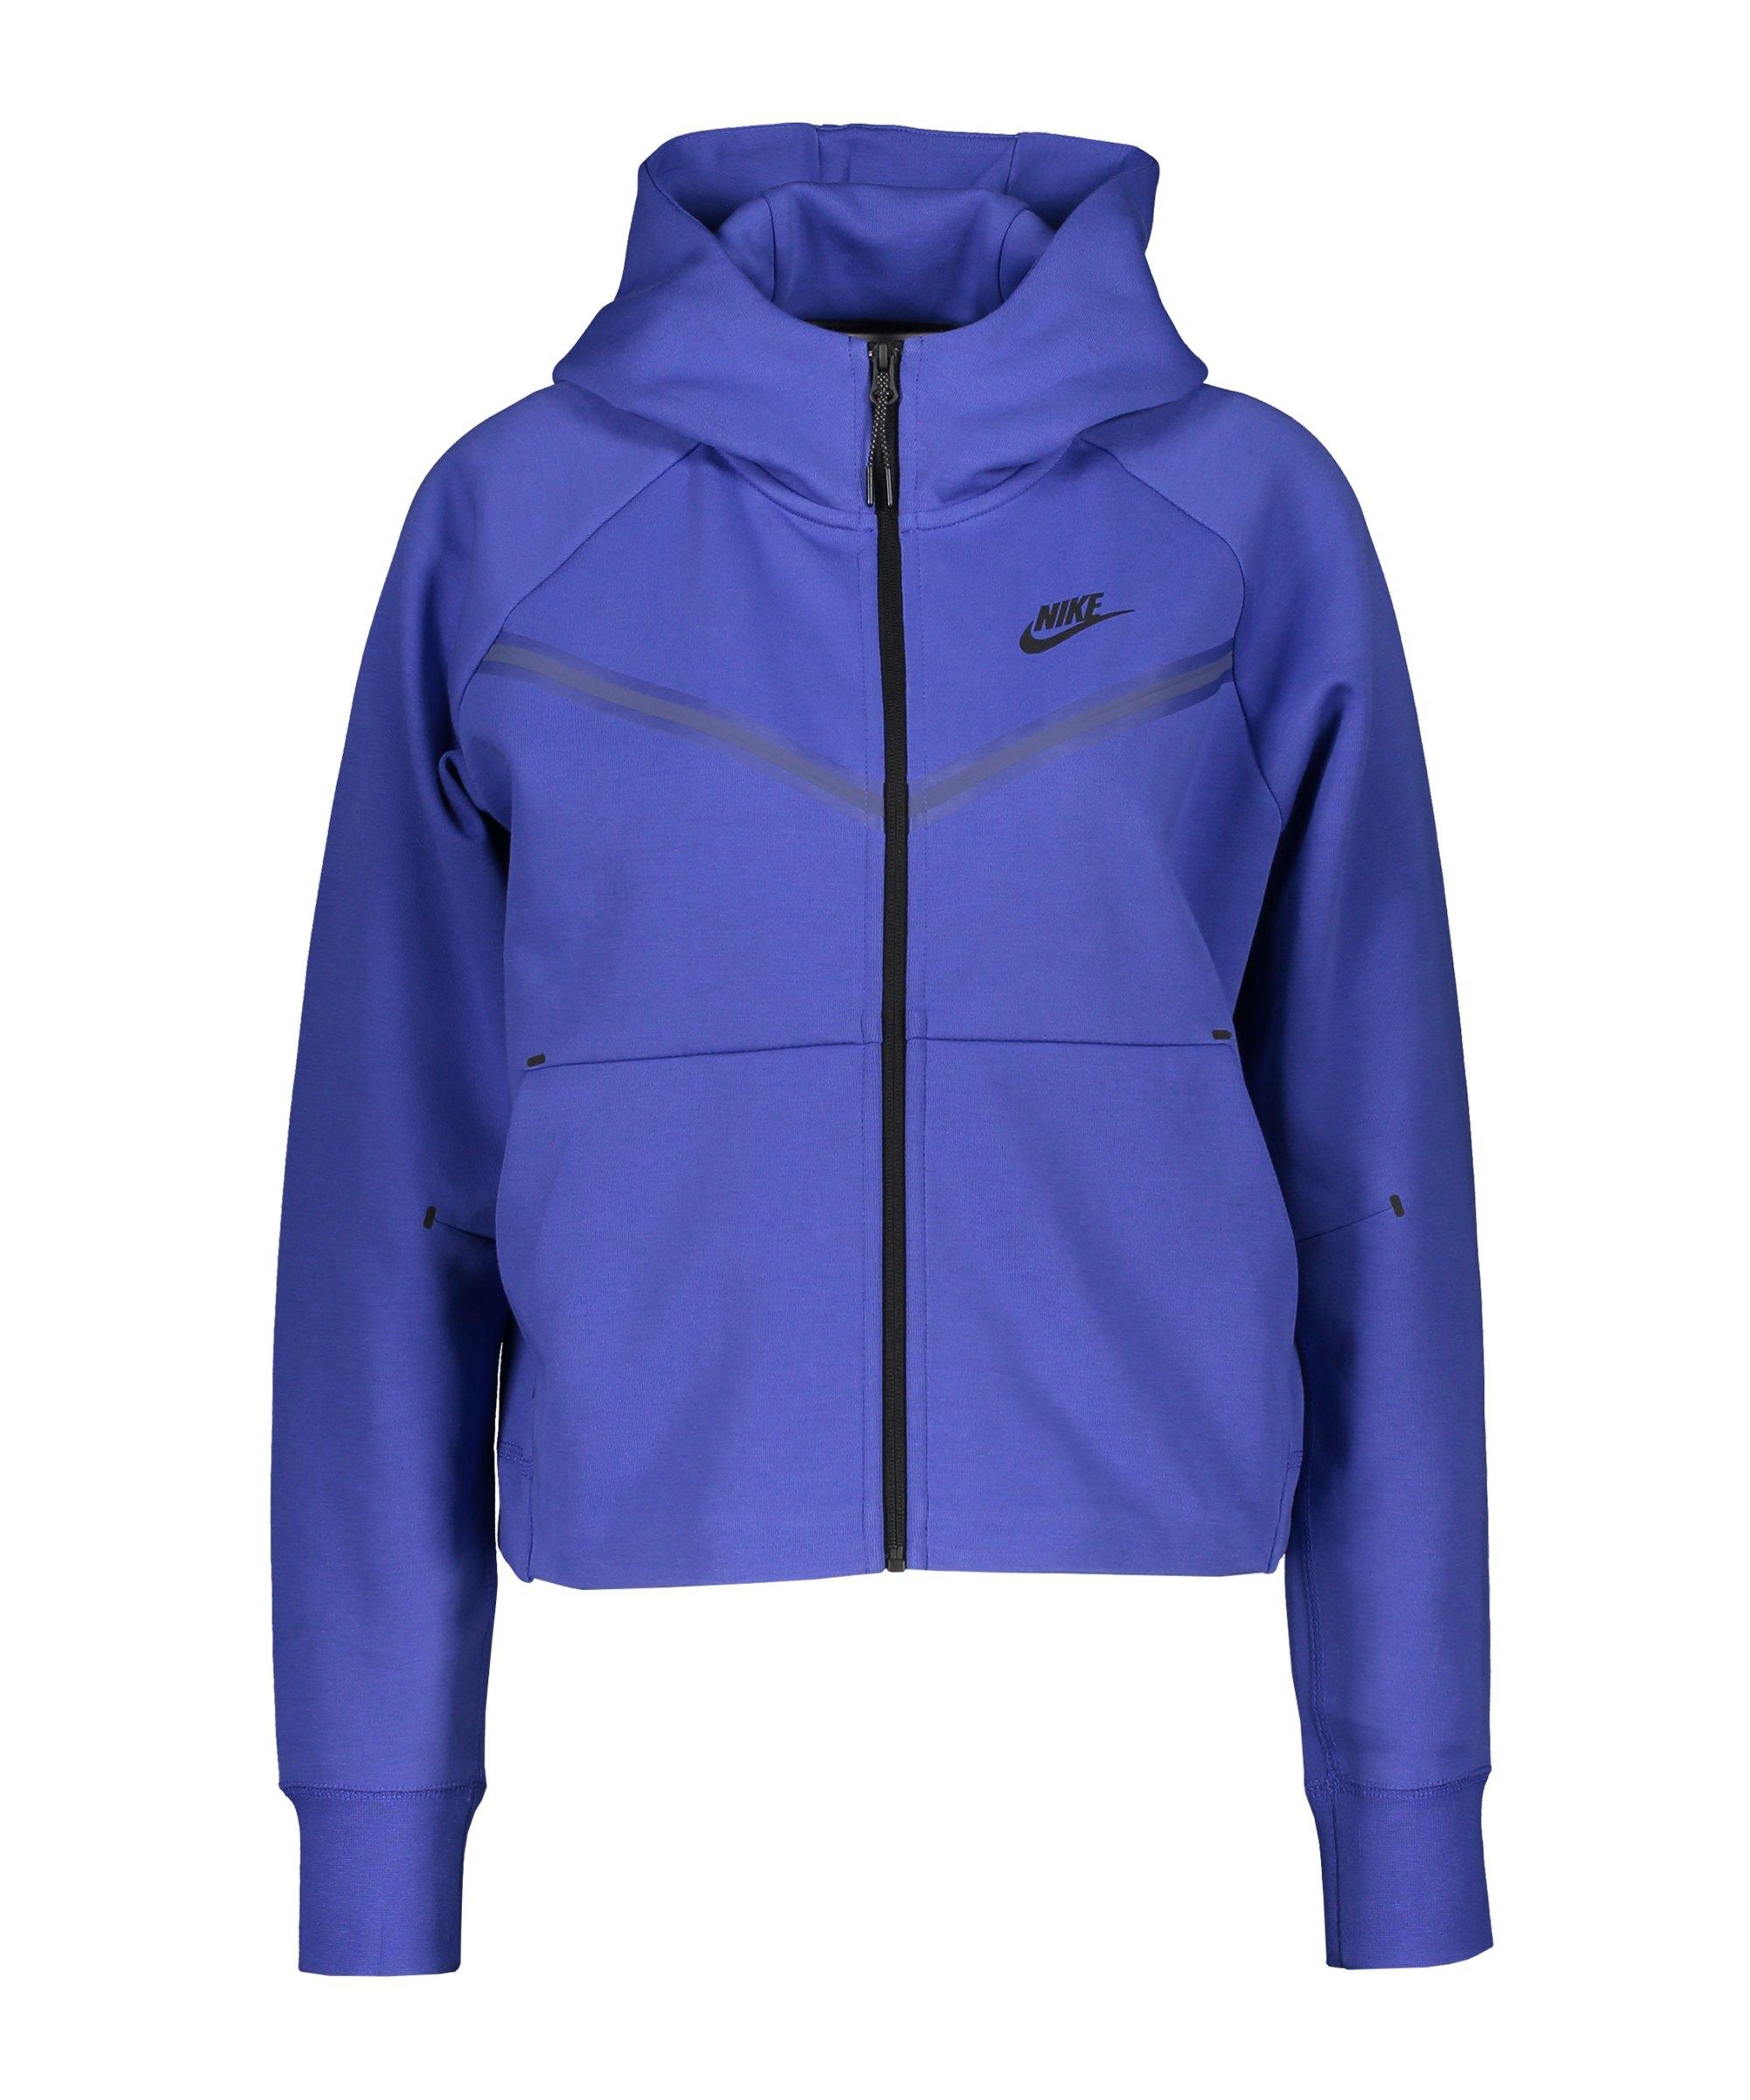 Nike Tech Fleece Windrunner Damen Blau F431 - blau